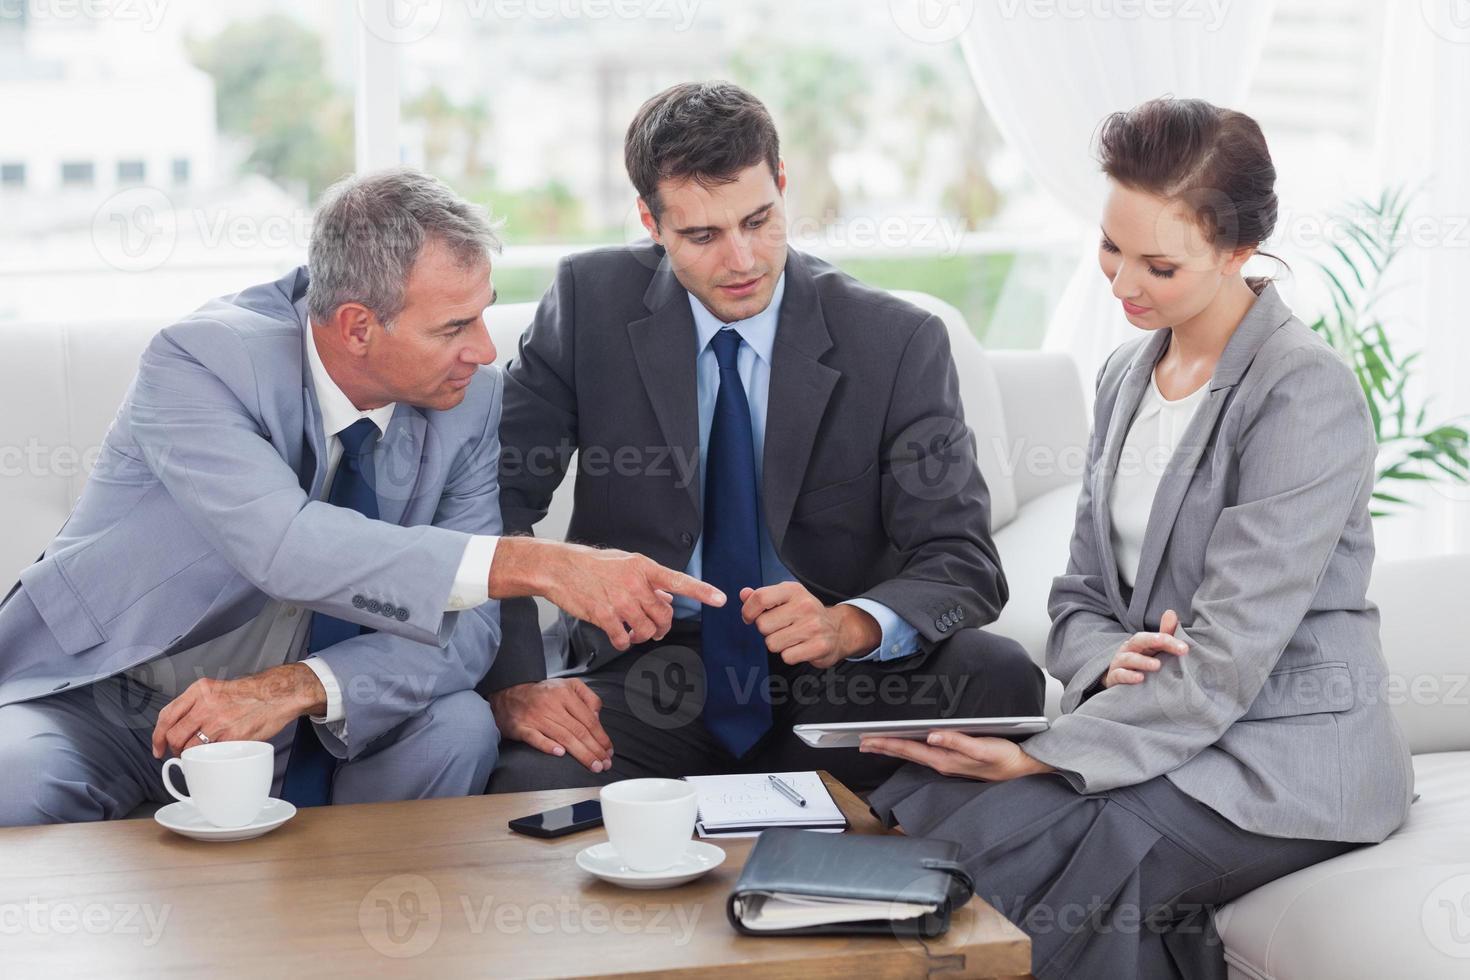 Arbeitsteam mit einem Treffen zusammen foto